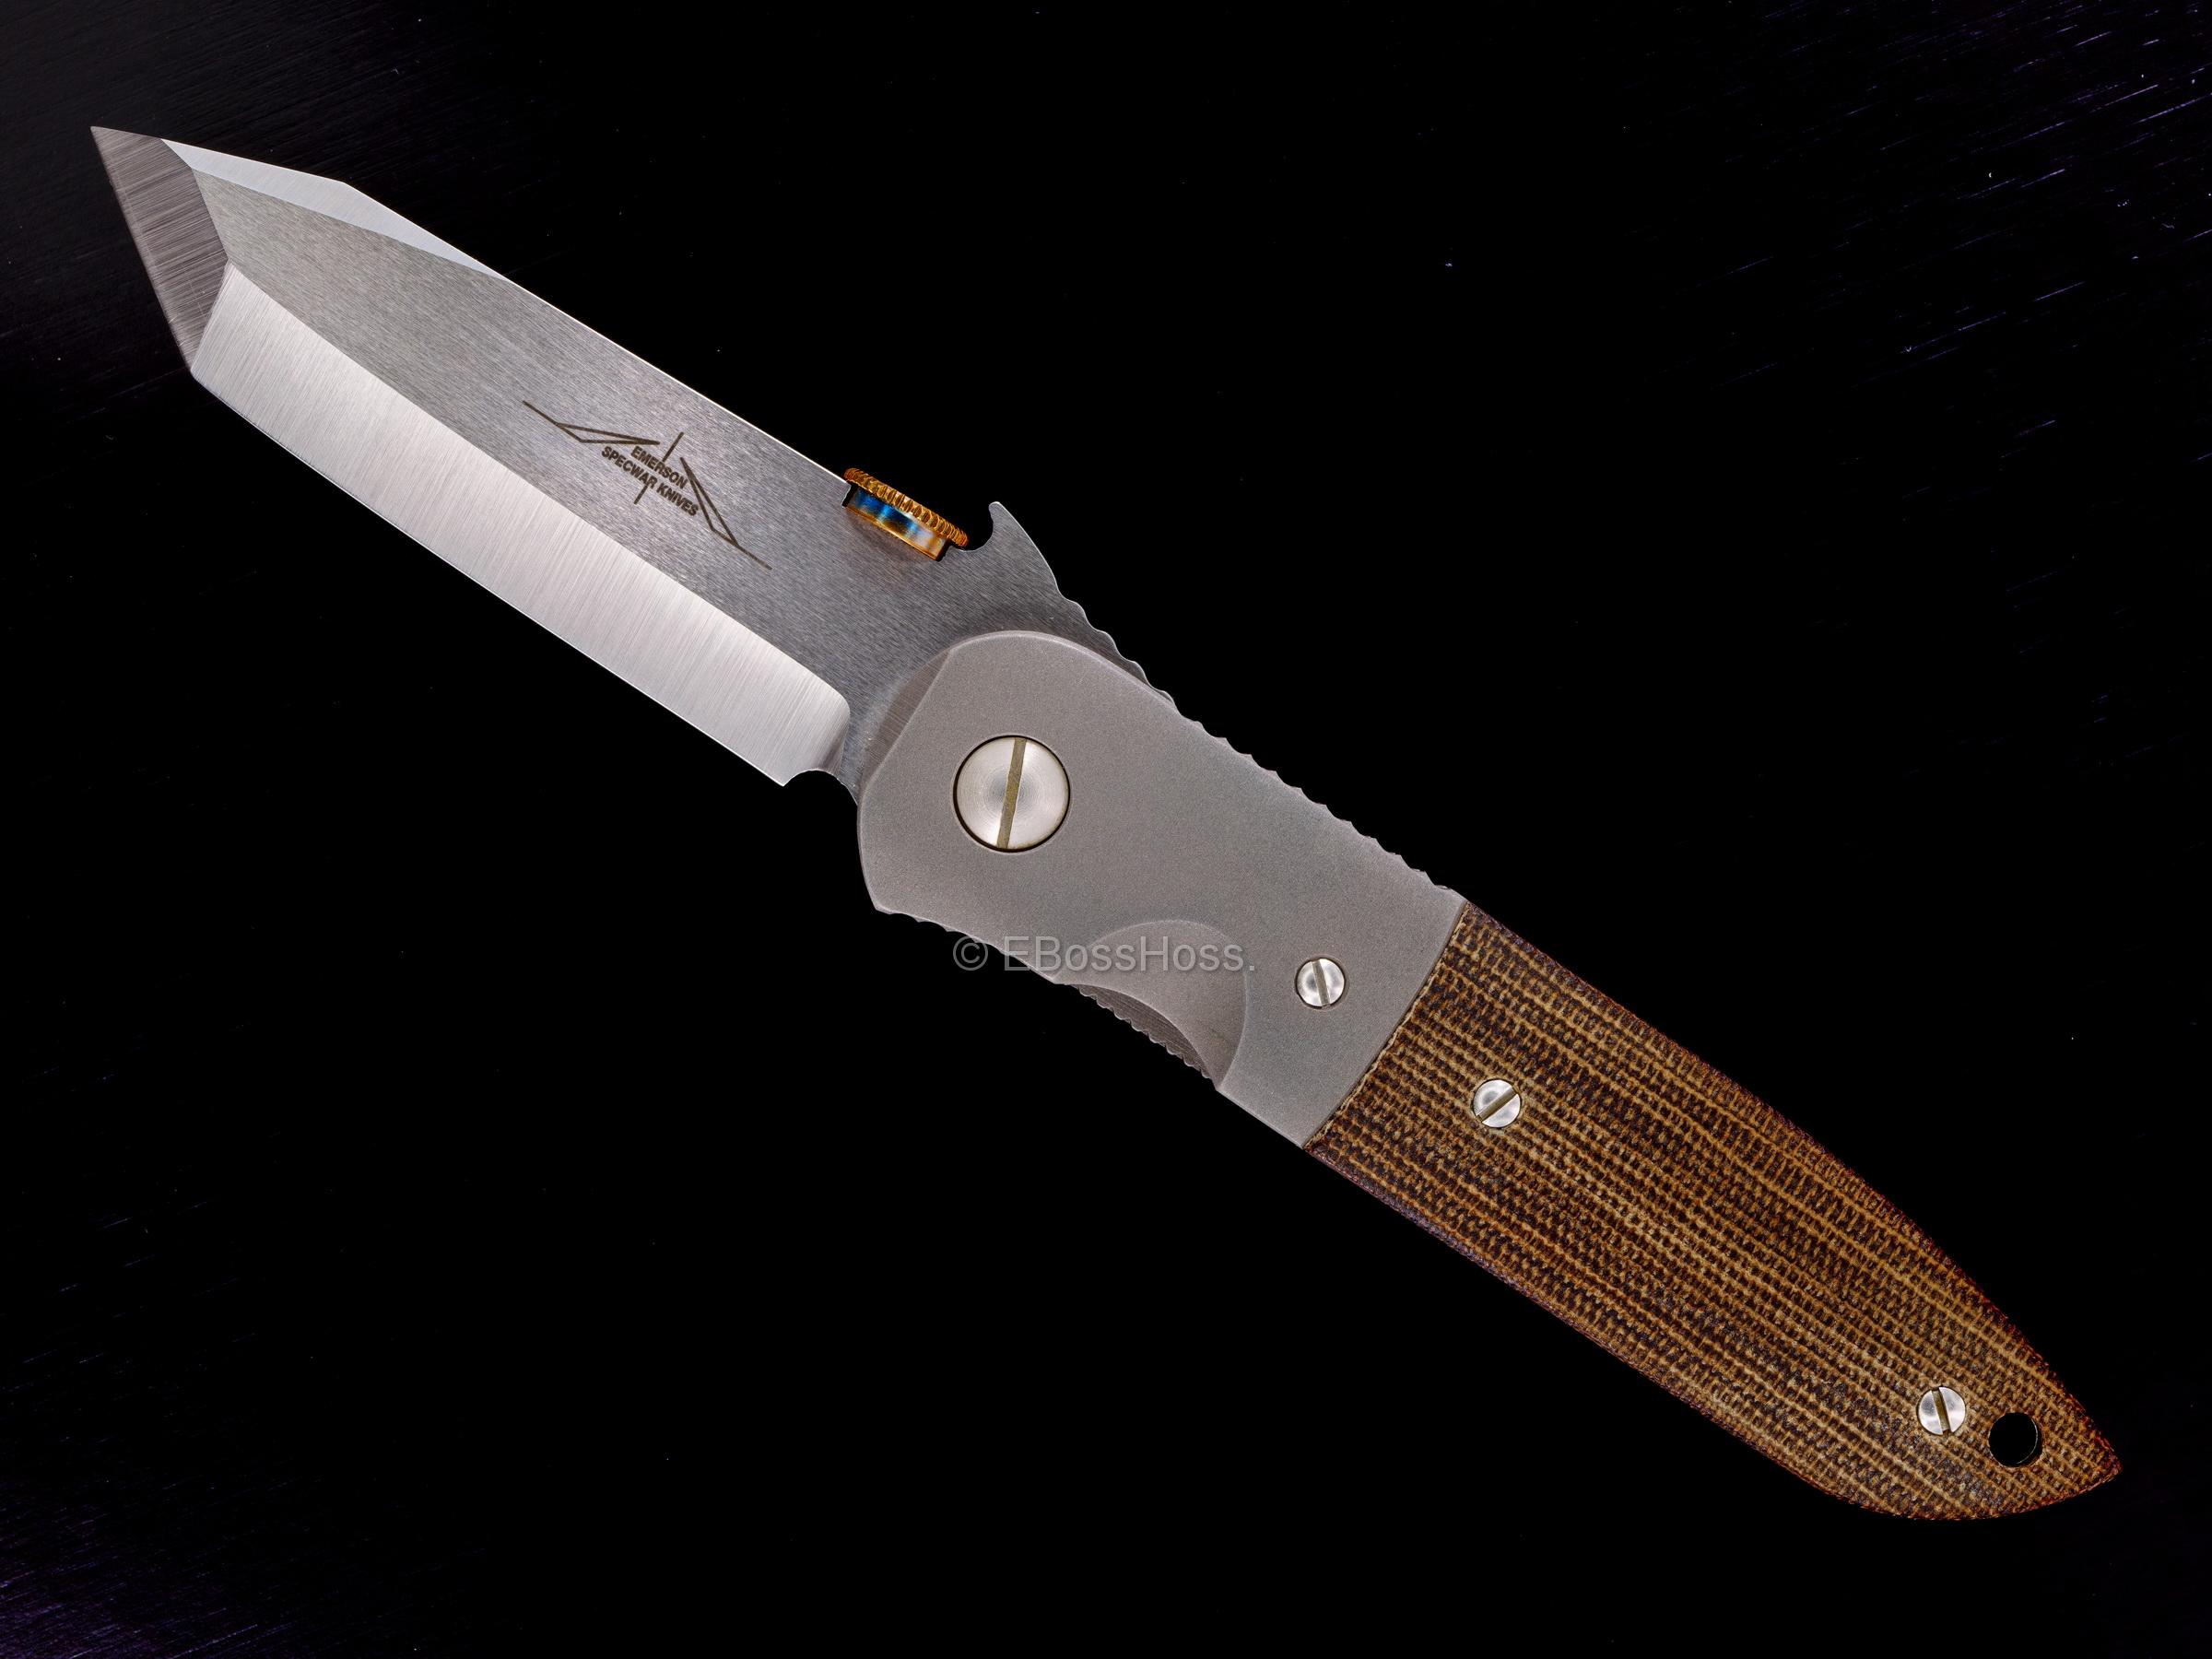 Ernie Emerson Custom Waved CQC-6